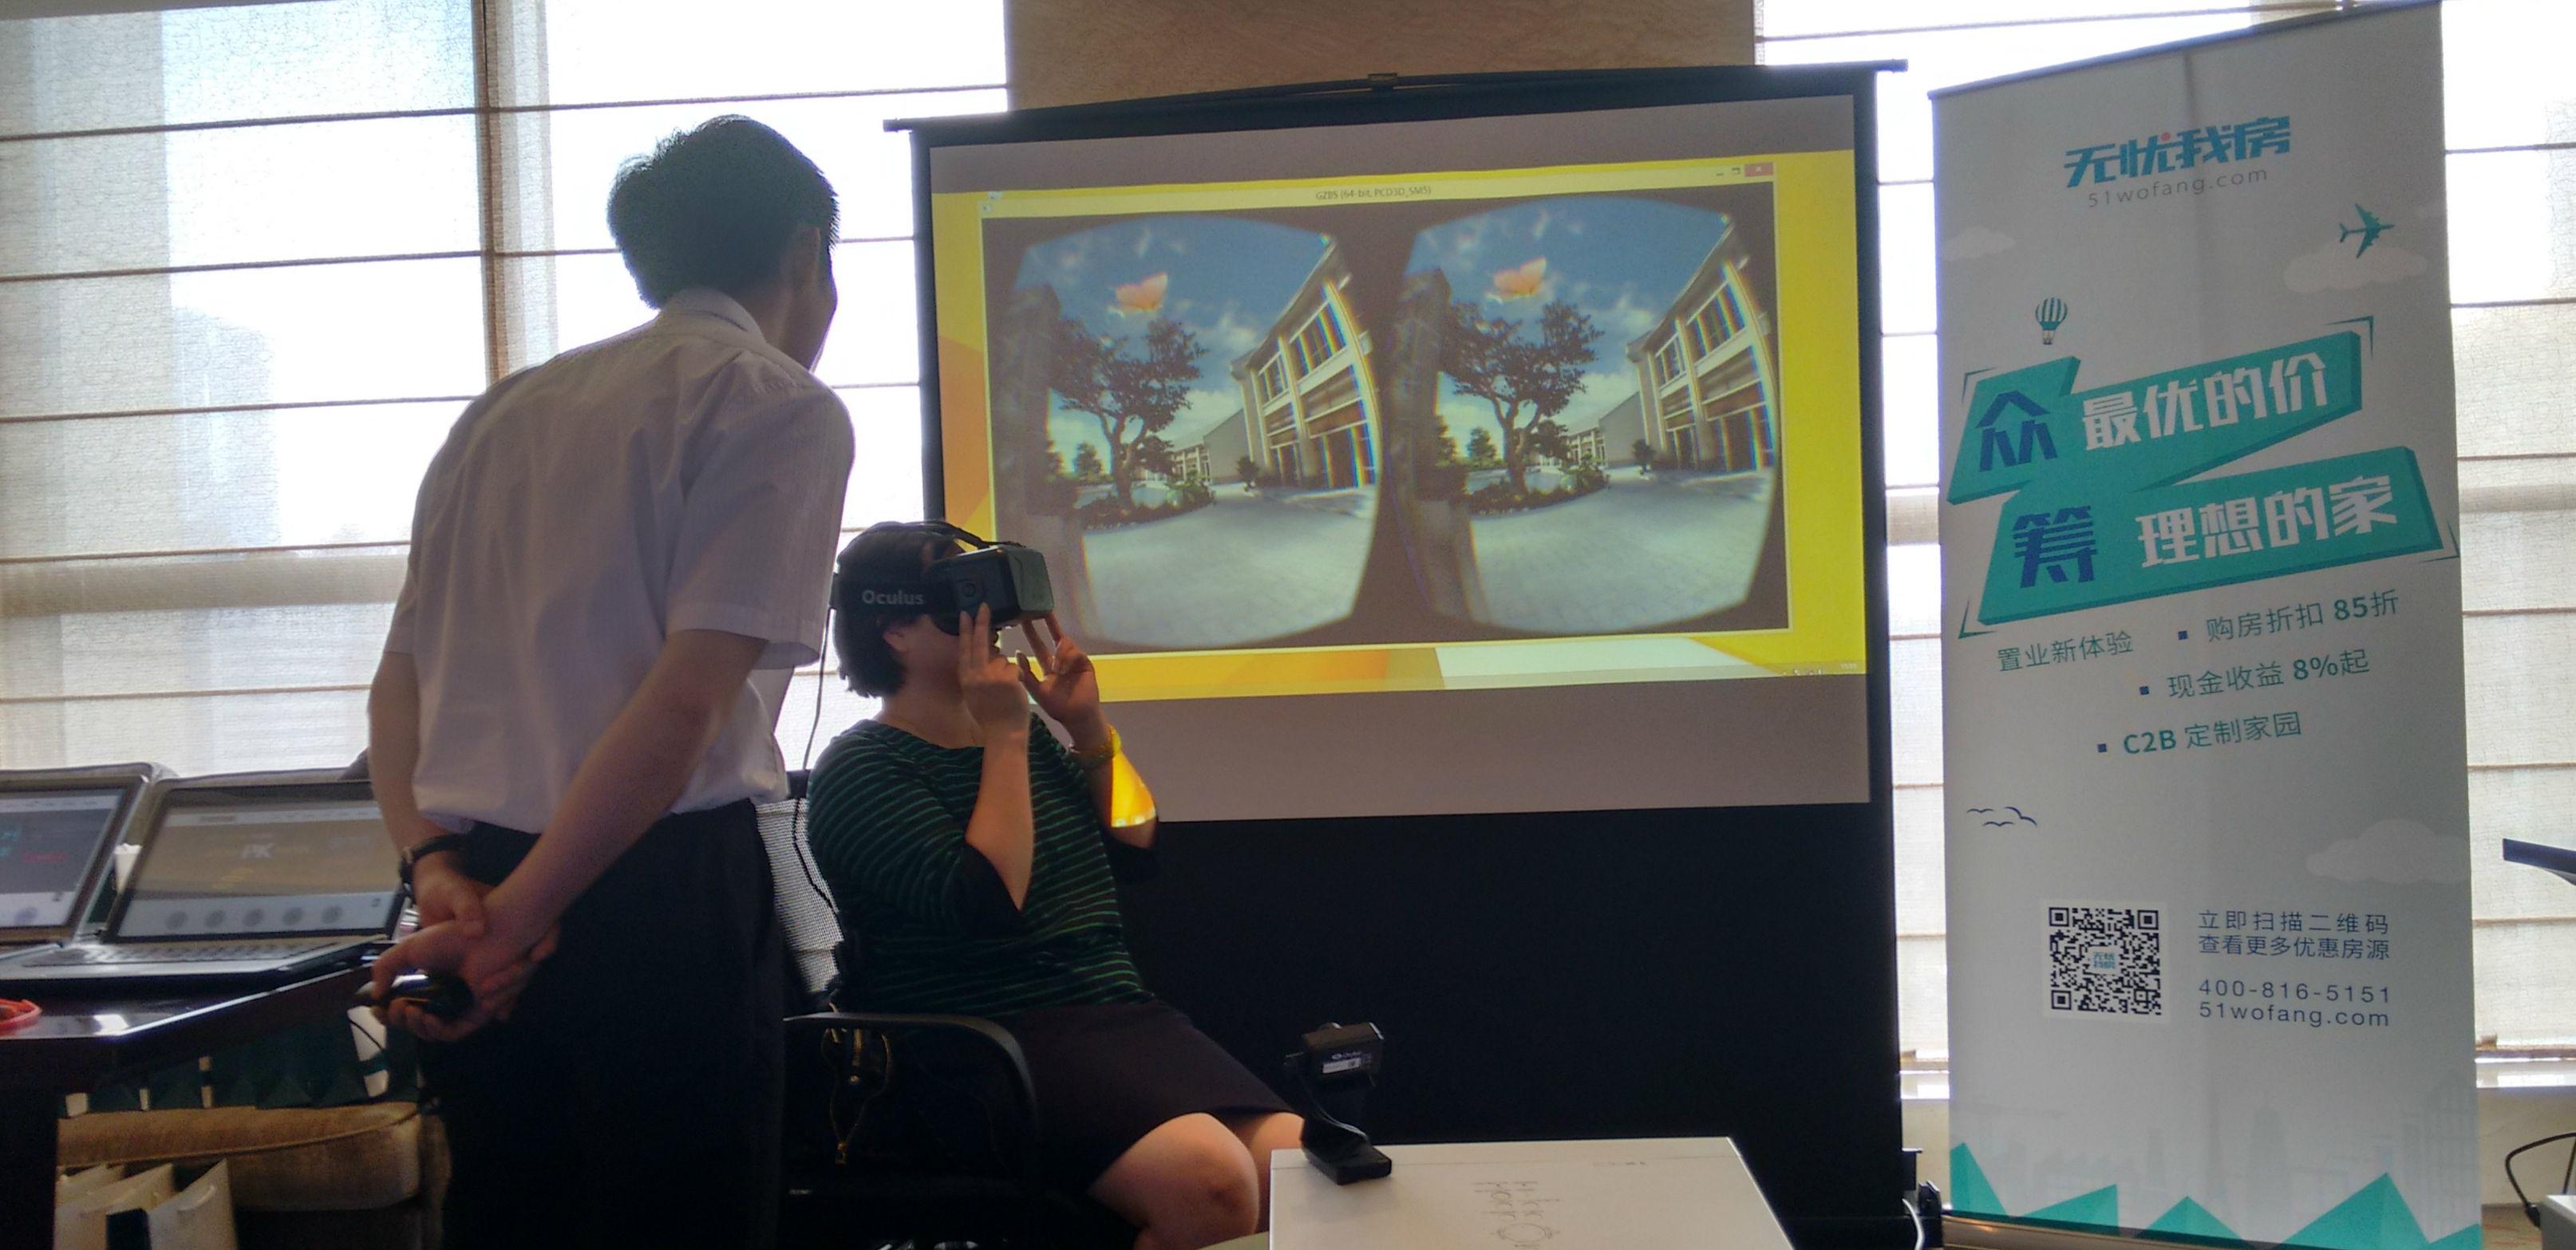 这家房产众筹公司为了 VR 技术都开设了硅谷分站